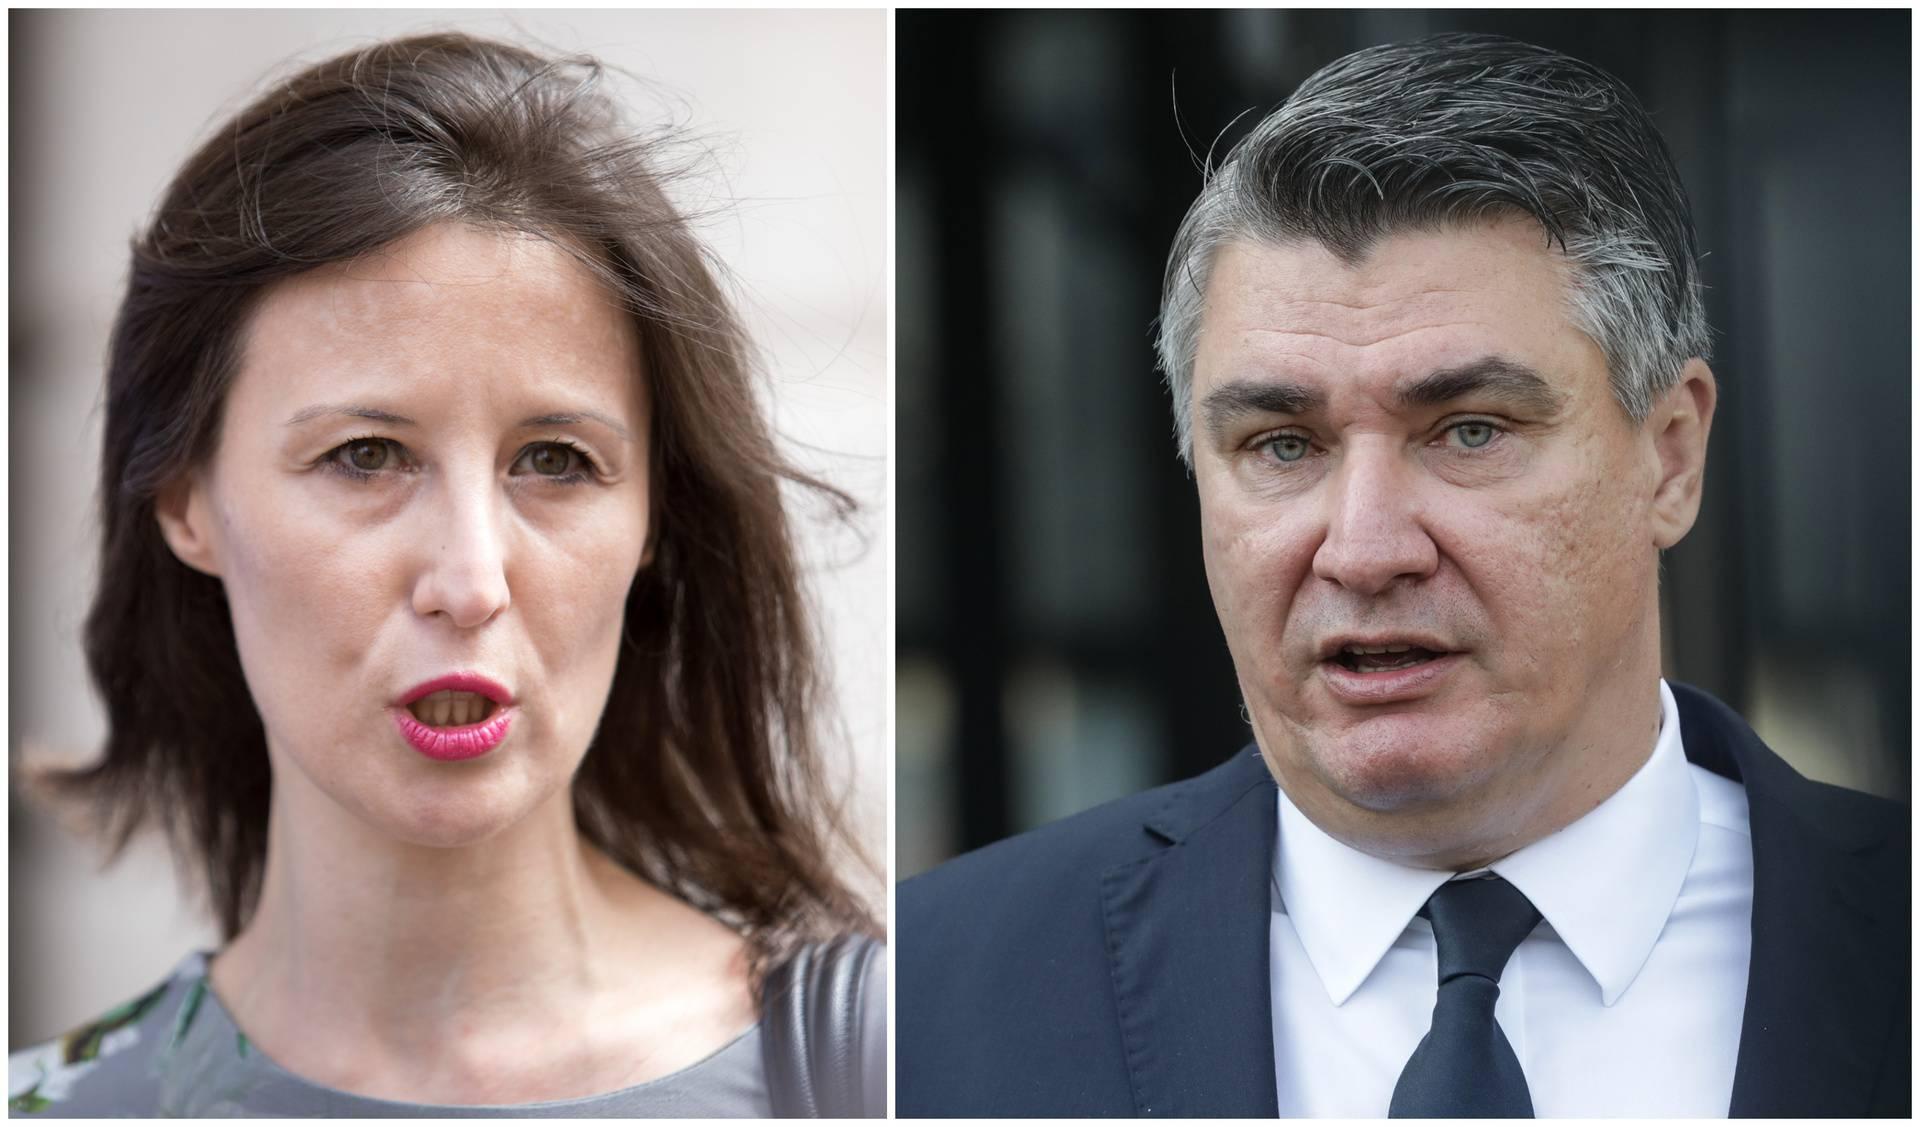 'Milanović insinuira na ozbiljnu zlouporabu vlasti, ovo više nije na razini prepucavanja...'